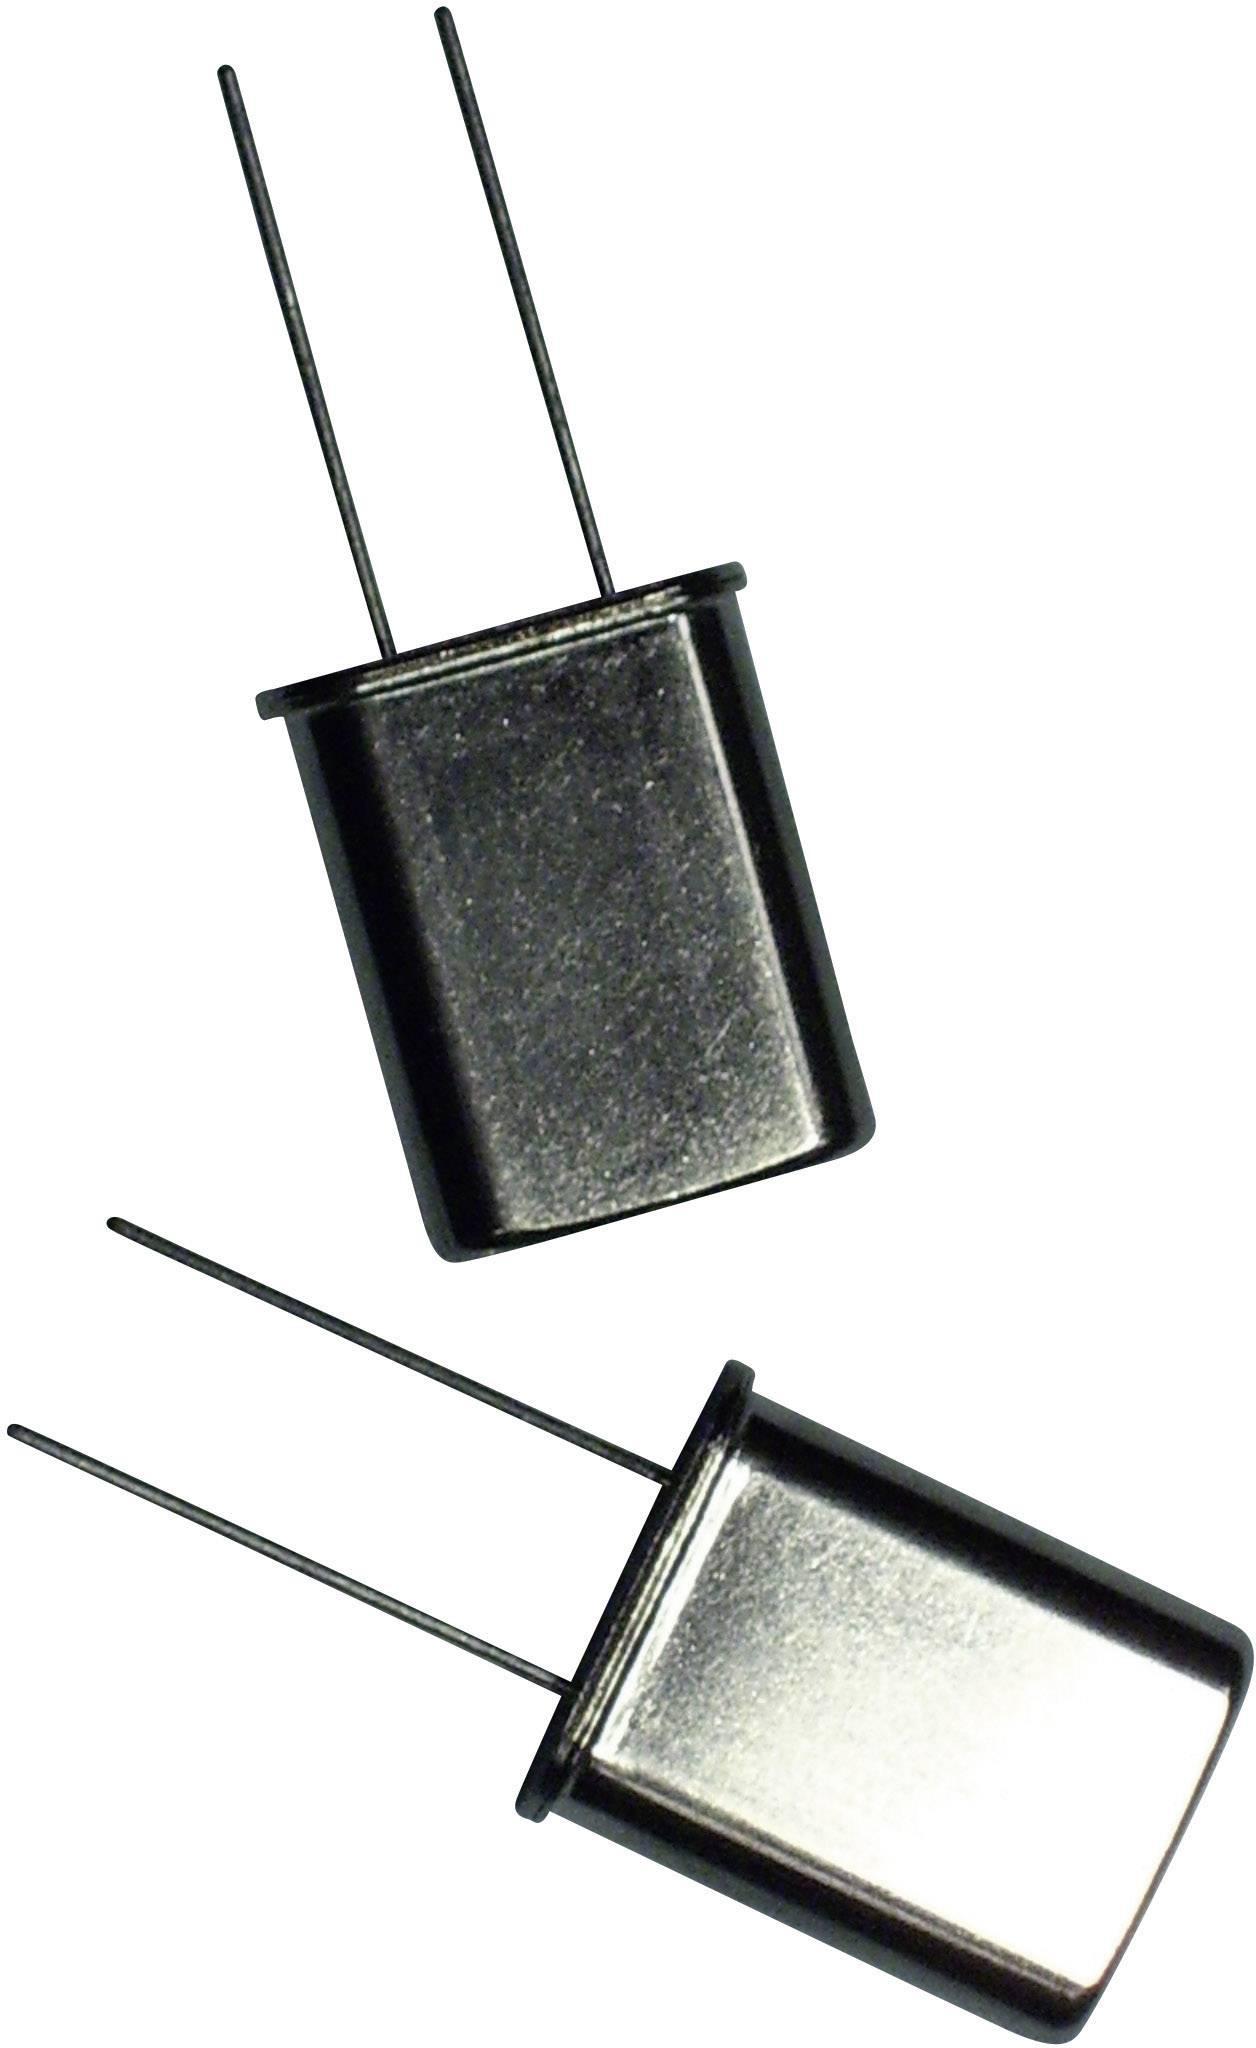 Krystal EuroQuartz, 25 MHz, HC49, 30/50/40/18PF/ATF